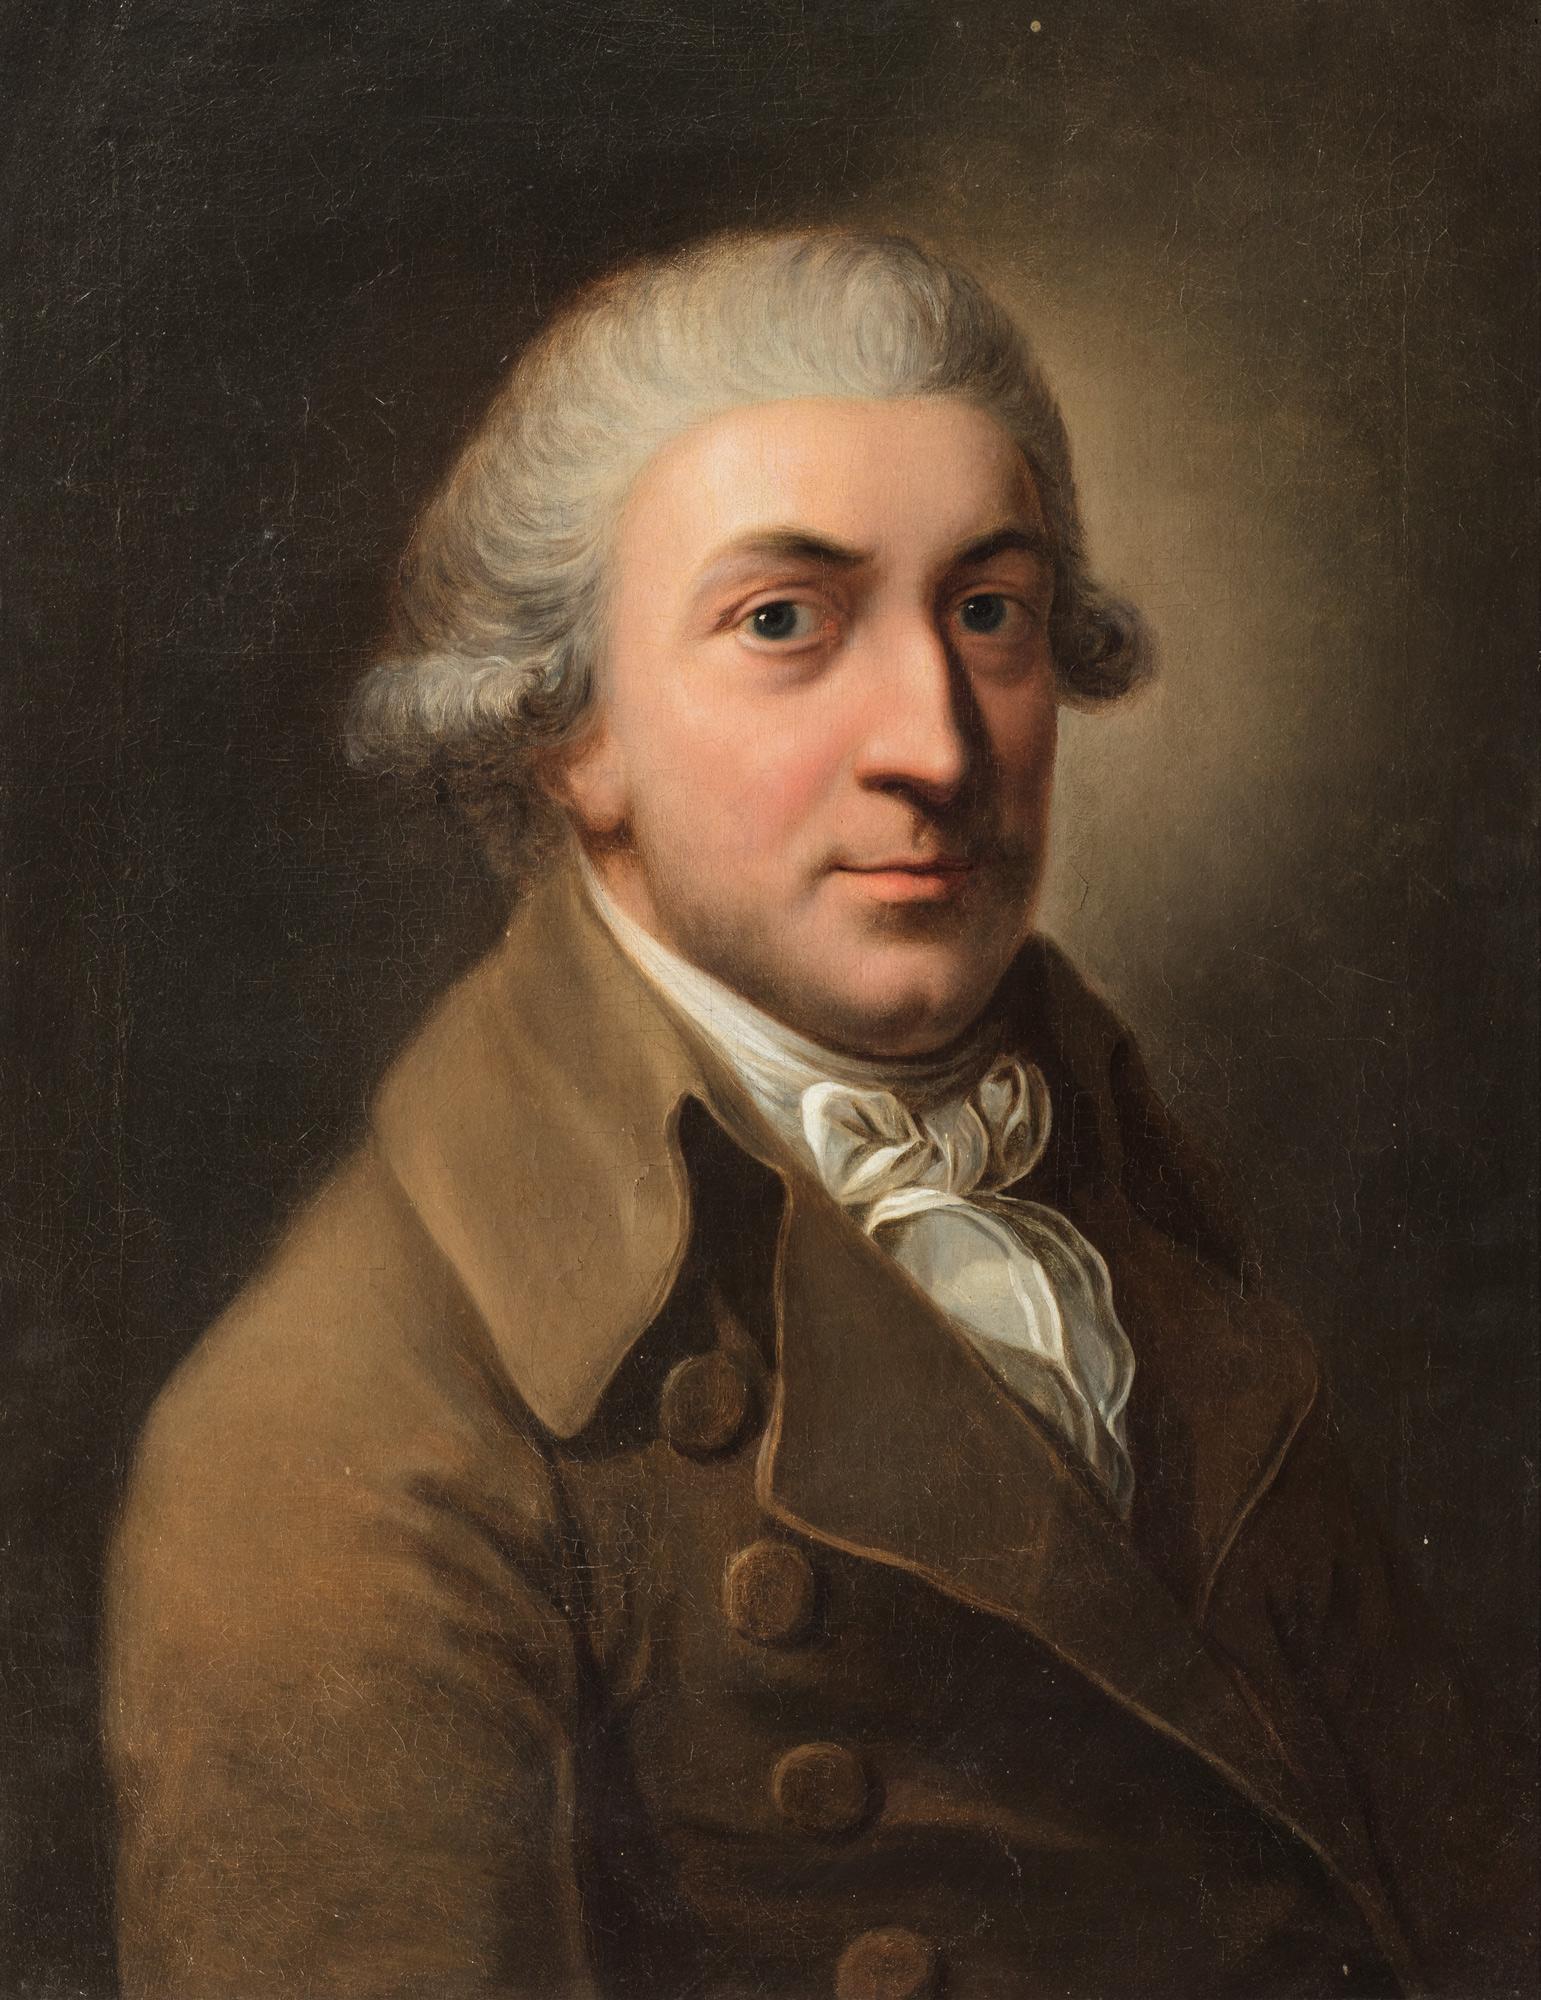 Ritratto di gentiluomo a mezzo busto, con parrucca bianca